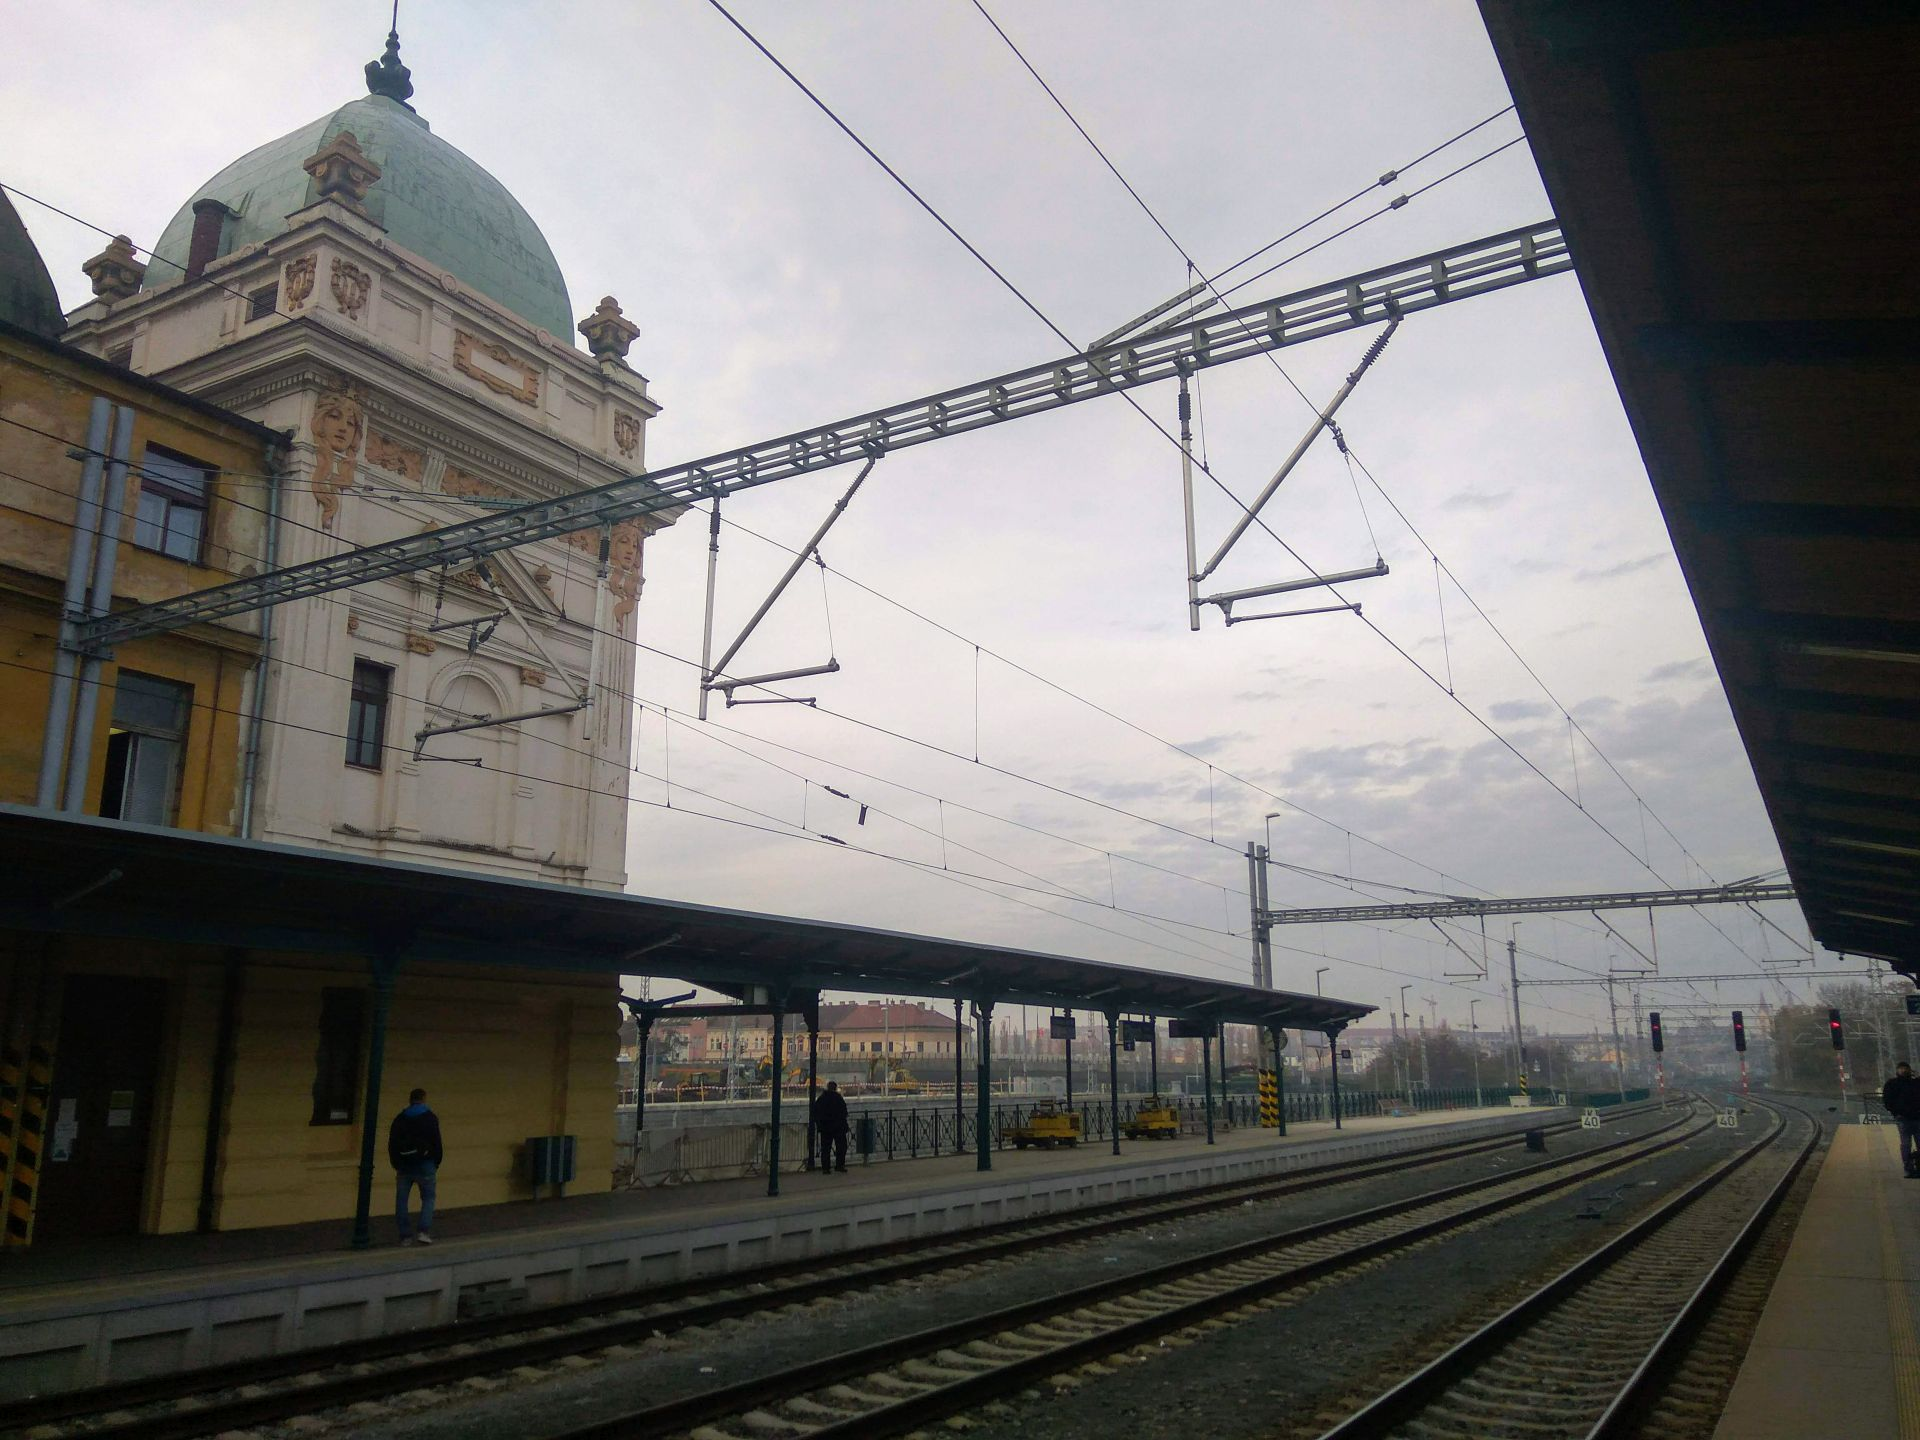 Plzeňské hlavní nádraží po ránu. Foto: Jan Sůra